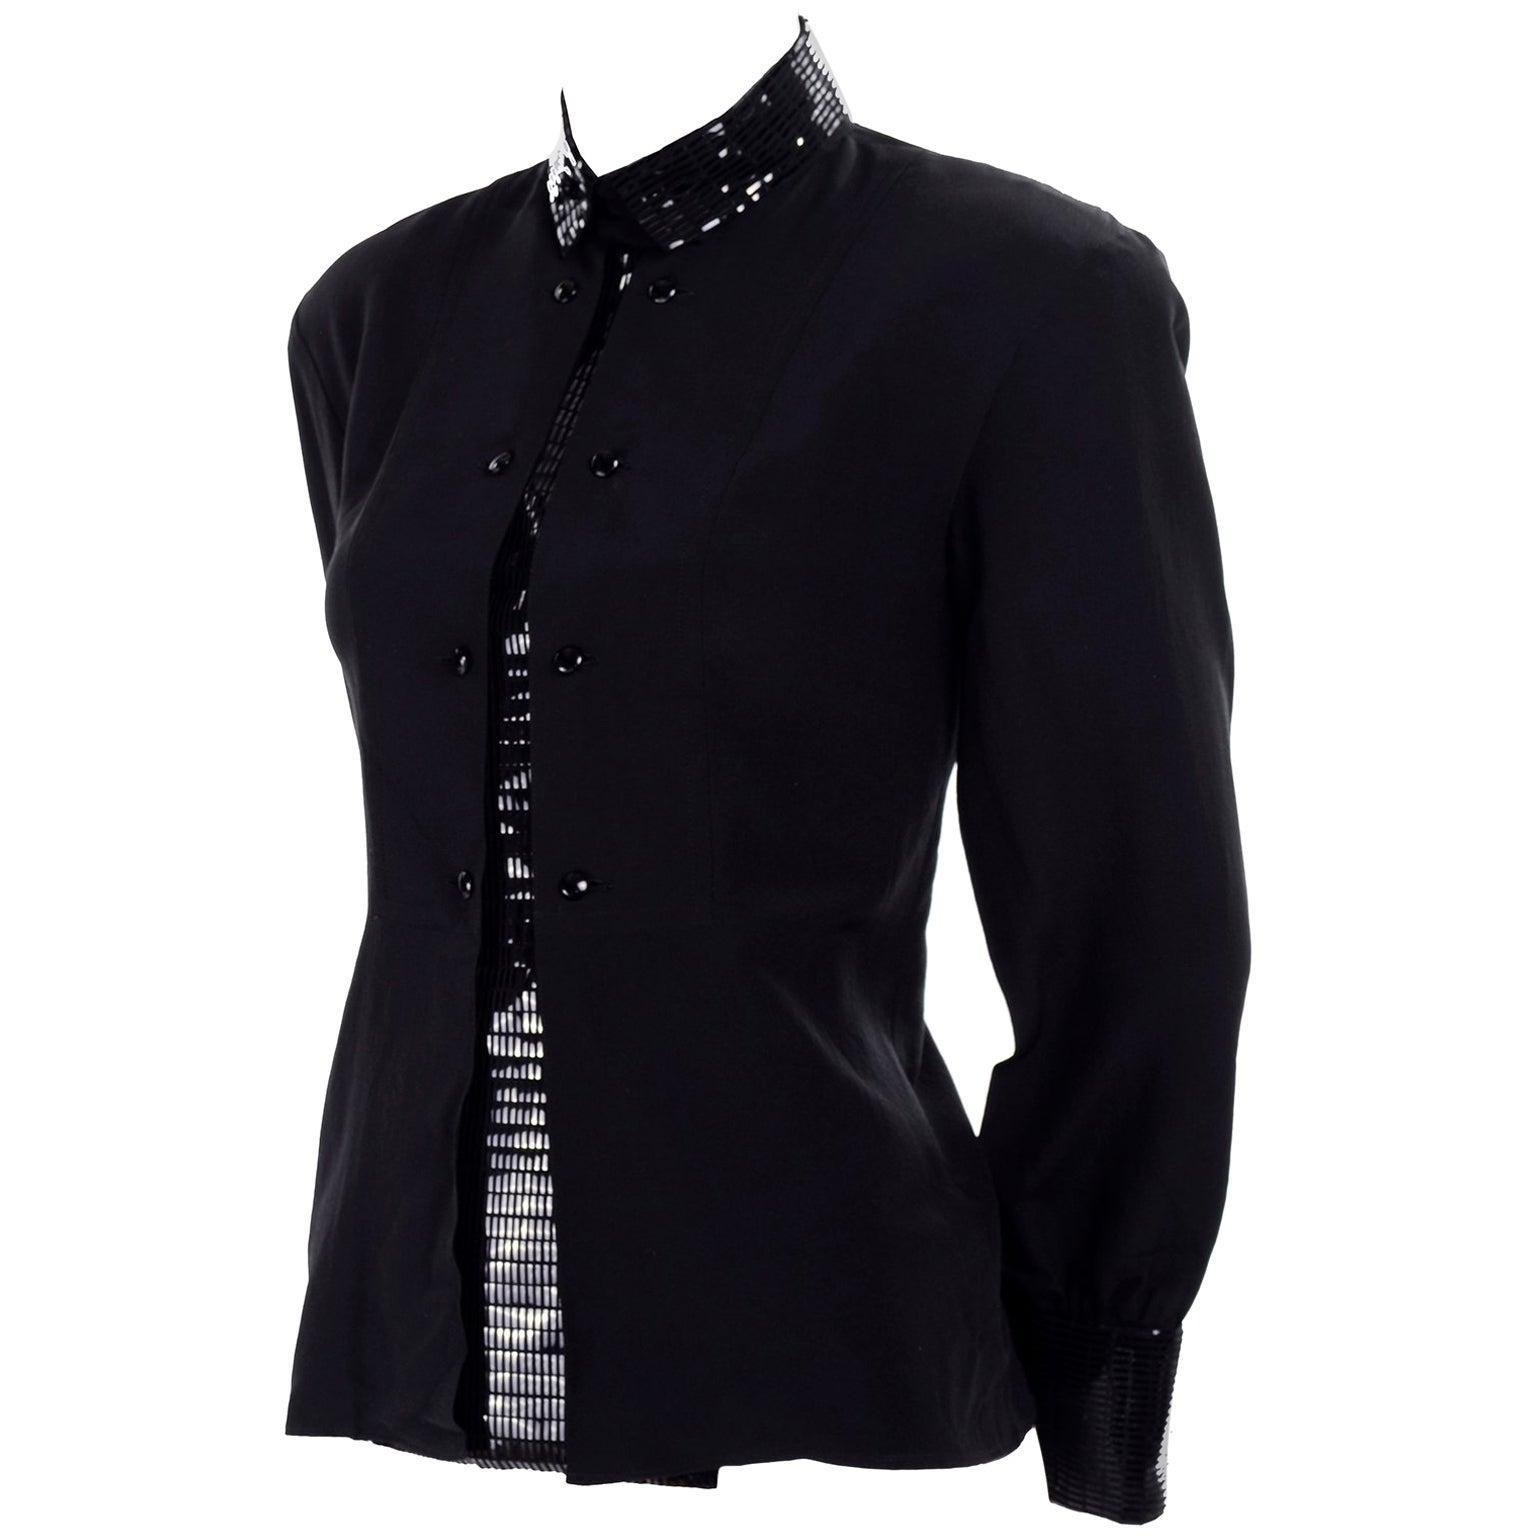 Bernard Perris Paris Black Silk Blouse With Beaded Embellished Faux Dickie